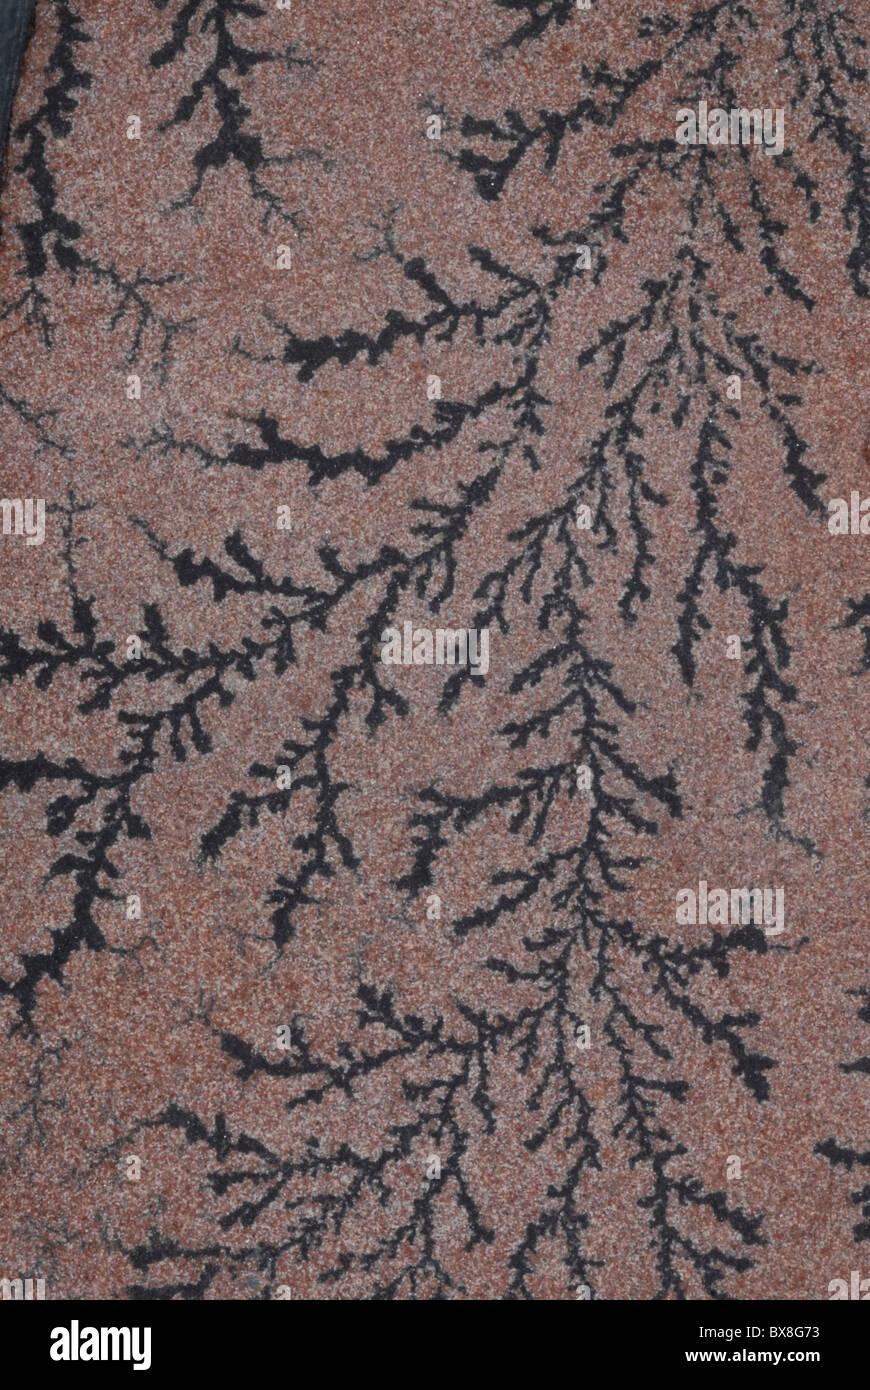 Le manganèse dendrite pseudofossils. Photo Stock